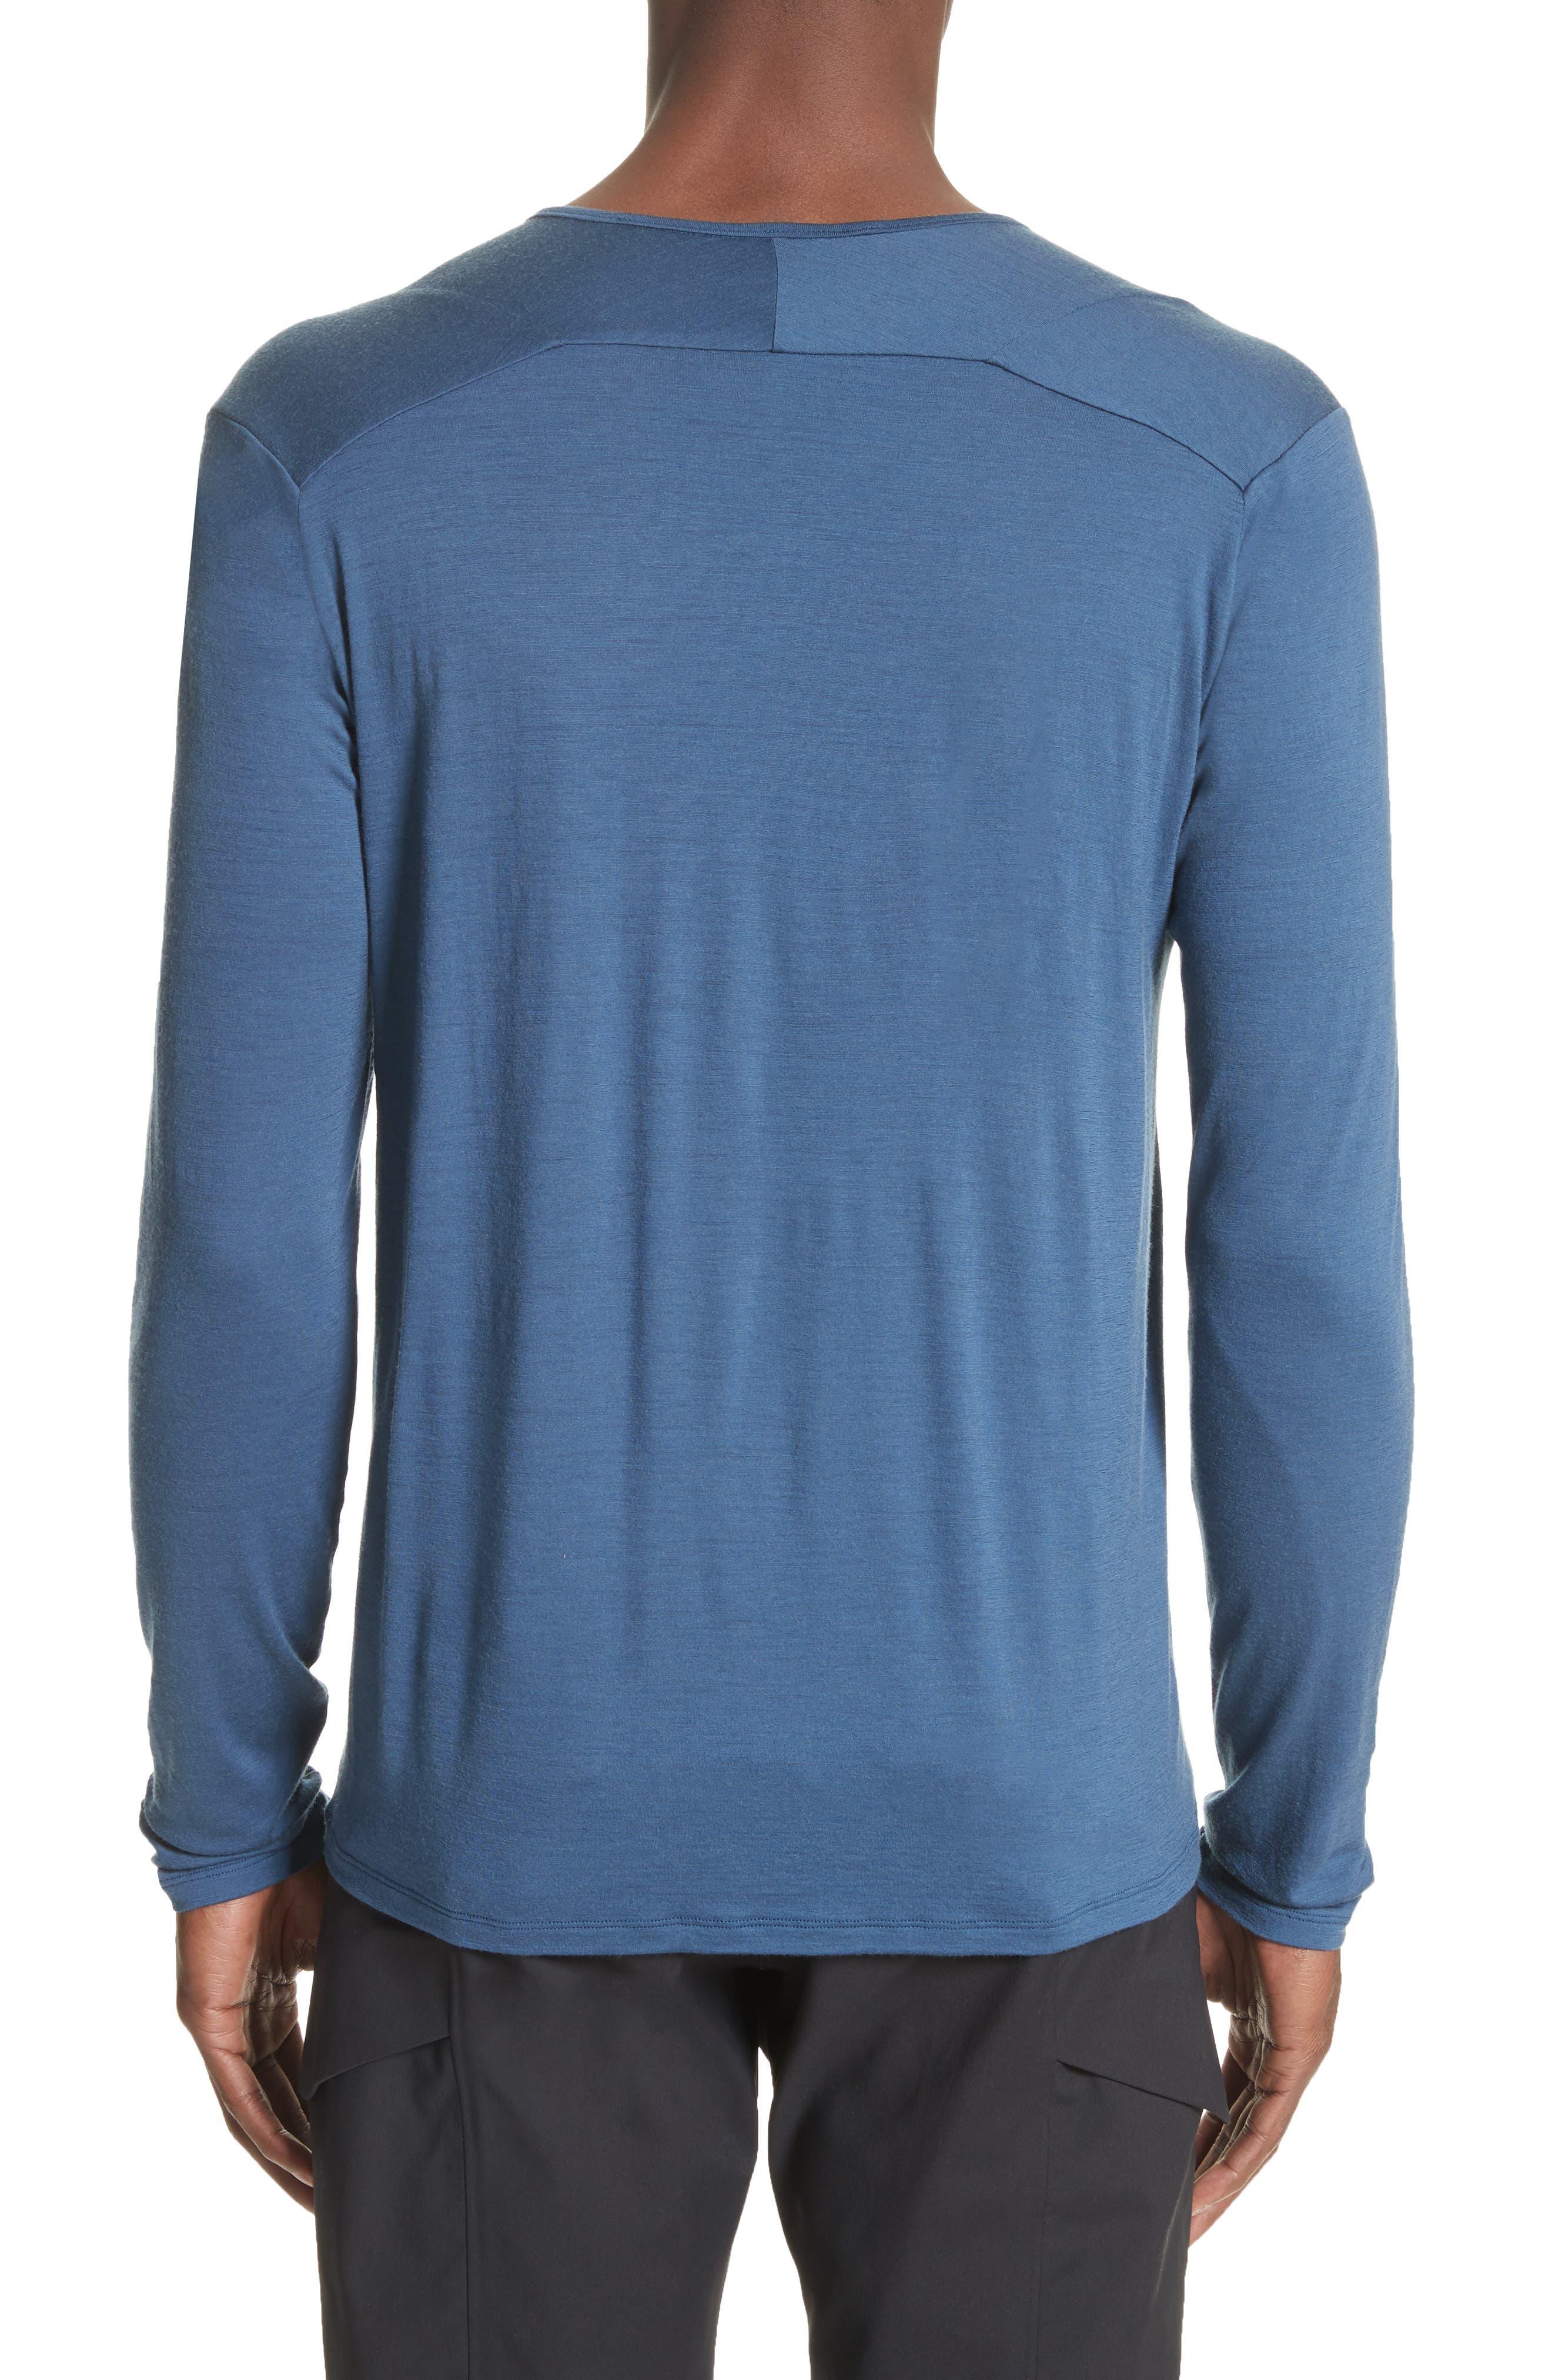 Frame Merino Wool T-Shirt,                             Alternate thumbnail 2, color,                             Navy